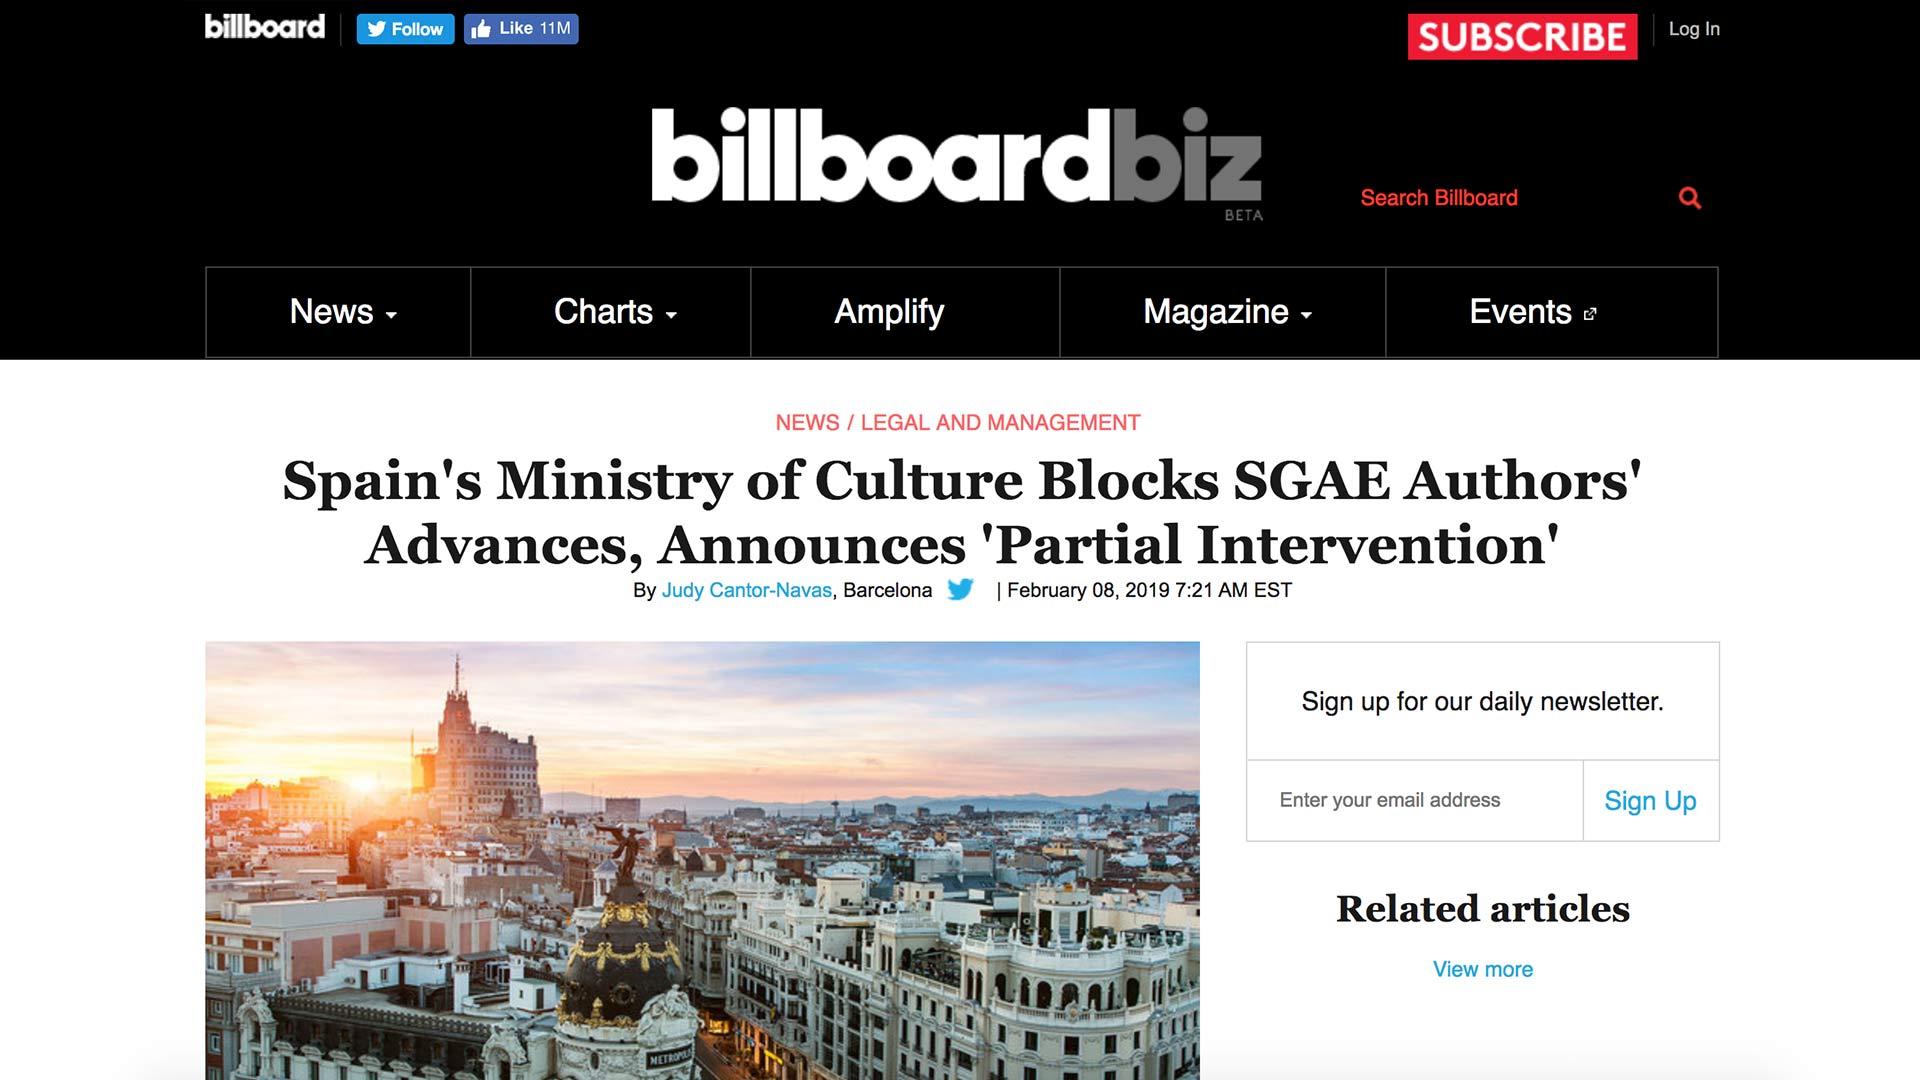 Fairness Rocks News Spain's Ministry of Culture Blocks SGAE Authors' Advances, Announces 'Partial Intervention'